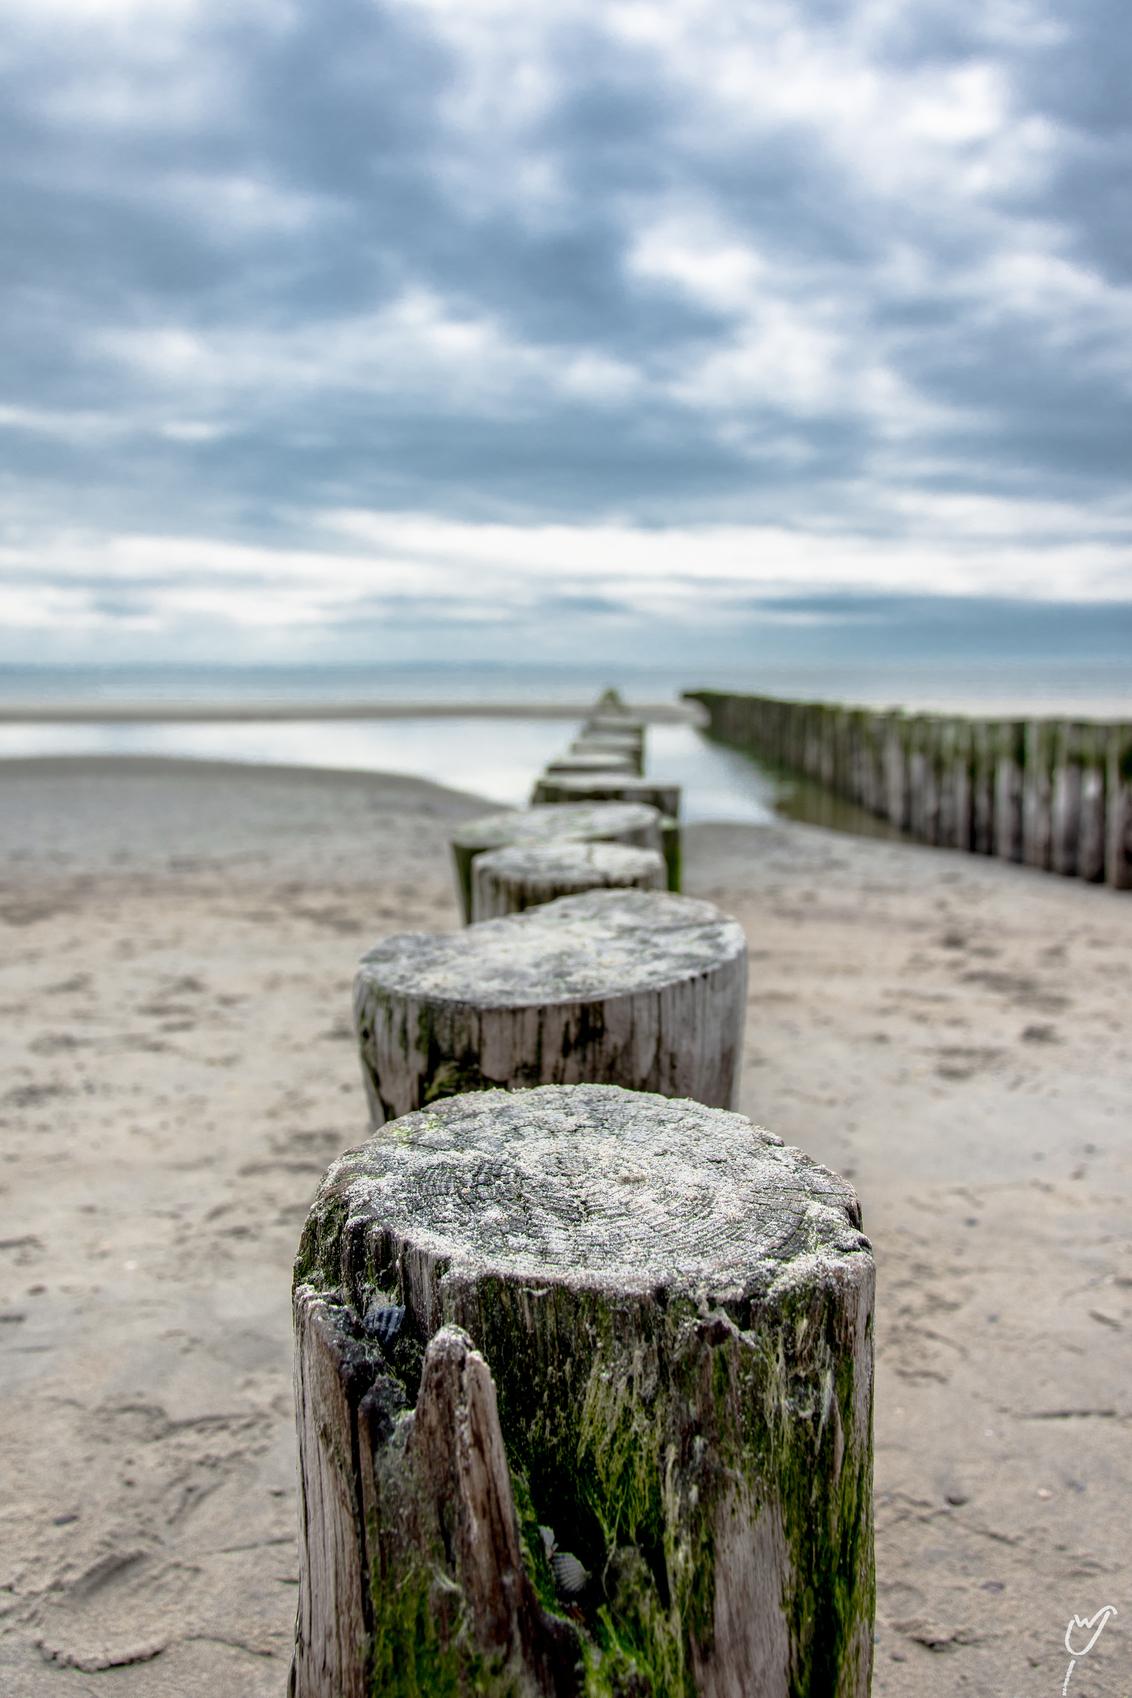 Schelpenvanger - - - foto door wardkeijzer op 15-05-2020 - deze foto bevat: lucht, wolken, zon, strand, zee, water, lente, natuur, licht, landschap, duinen, tegenlicht, zand, herhaling, schelpen, pier, zeeland, kust, compositie